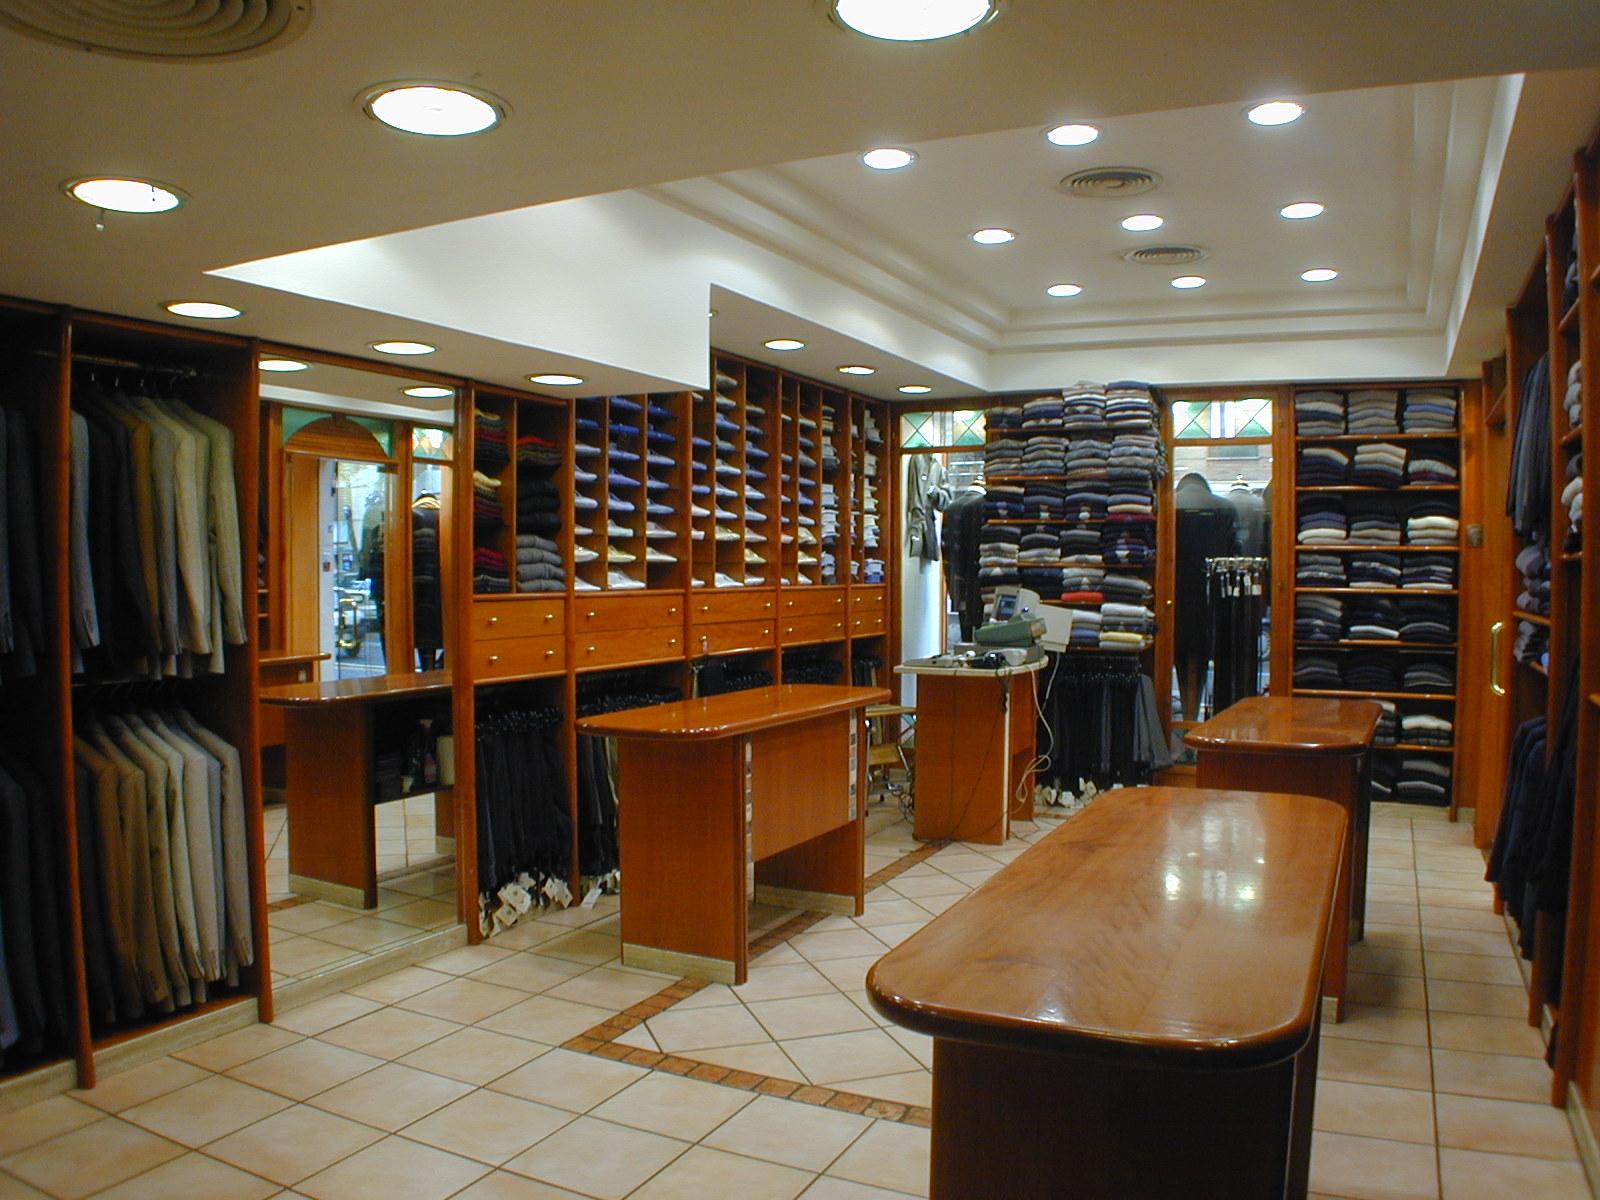 Arredamento Negozi In Legno : Shop19 componibile negozio 2987ek03